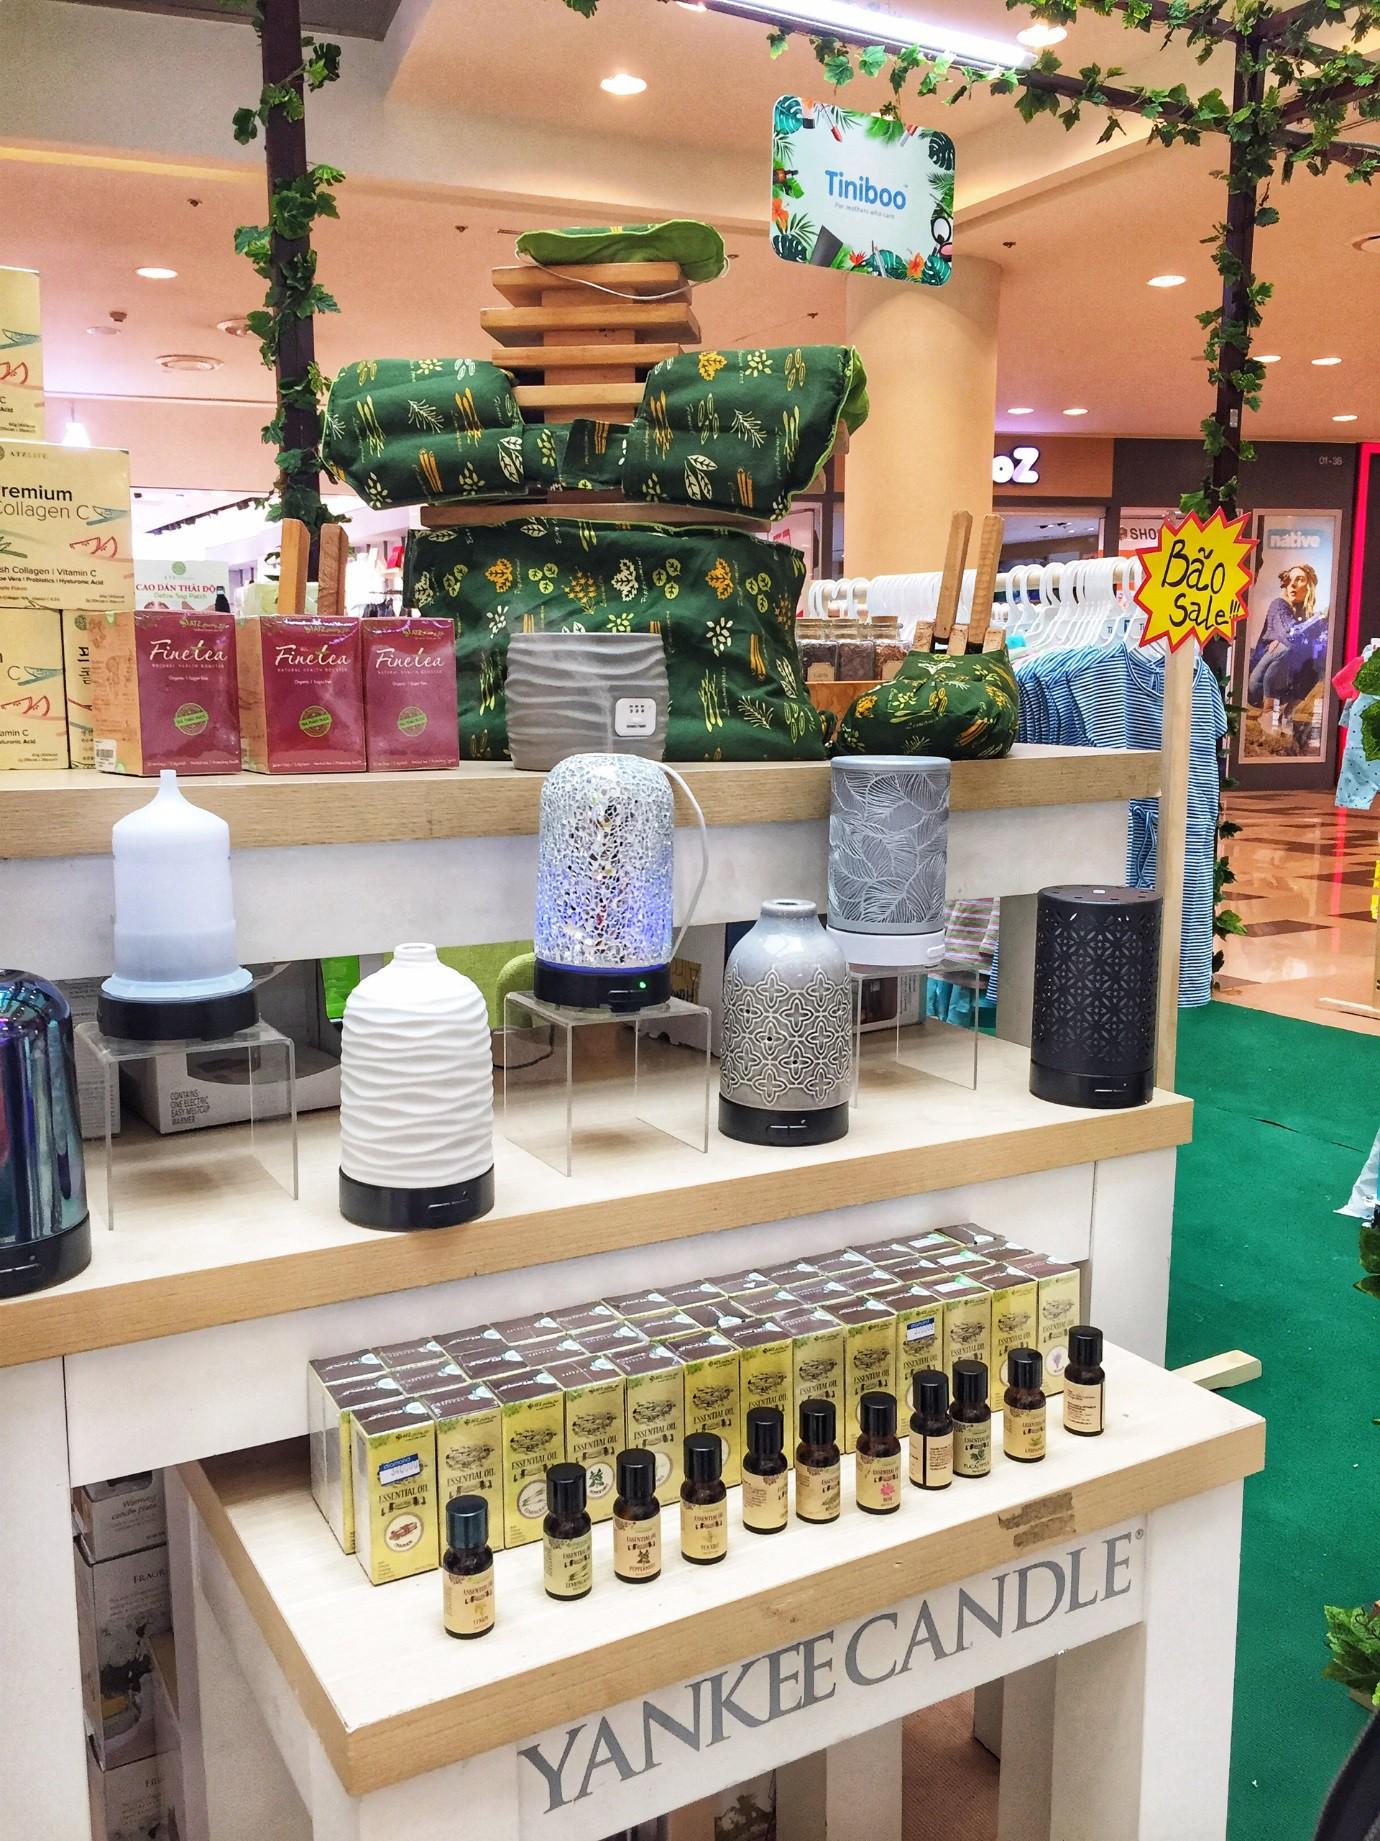 Phiên Chợ Mùa Hè tại SC VivoCity: Thiên đường dành cho mọi tín đồ mua sắm tại Sài Gòn - Ảnh 3.